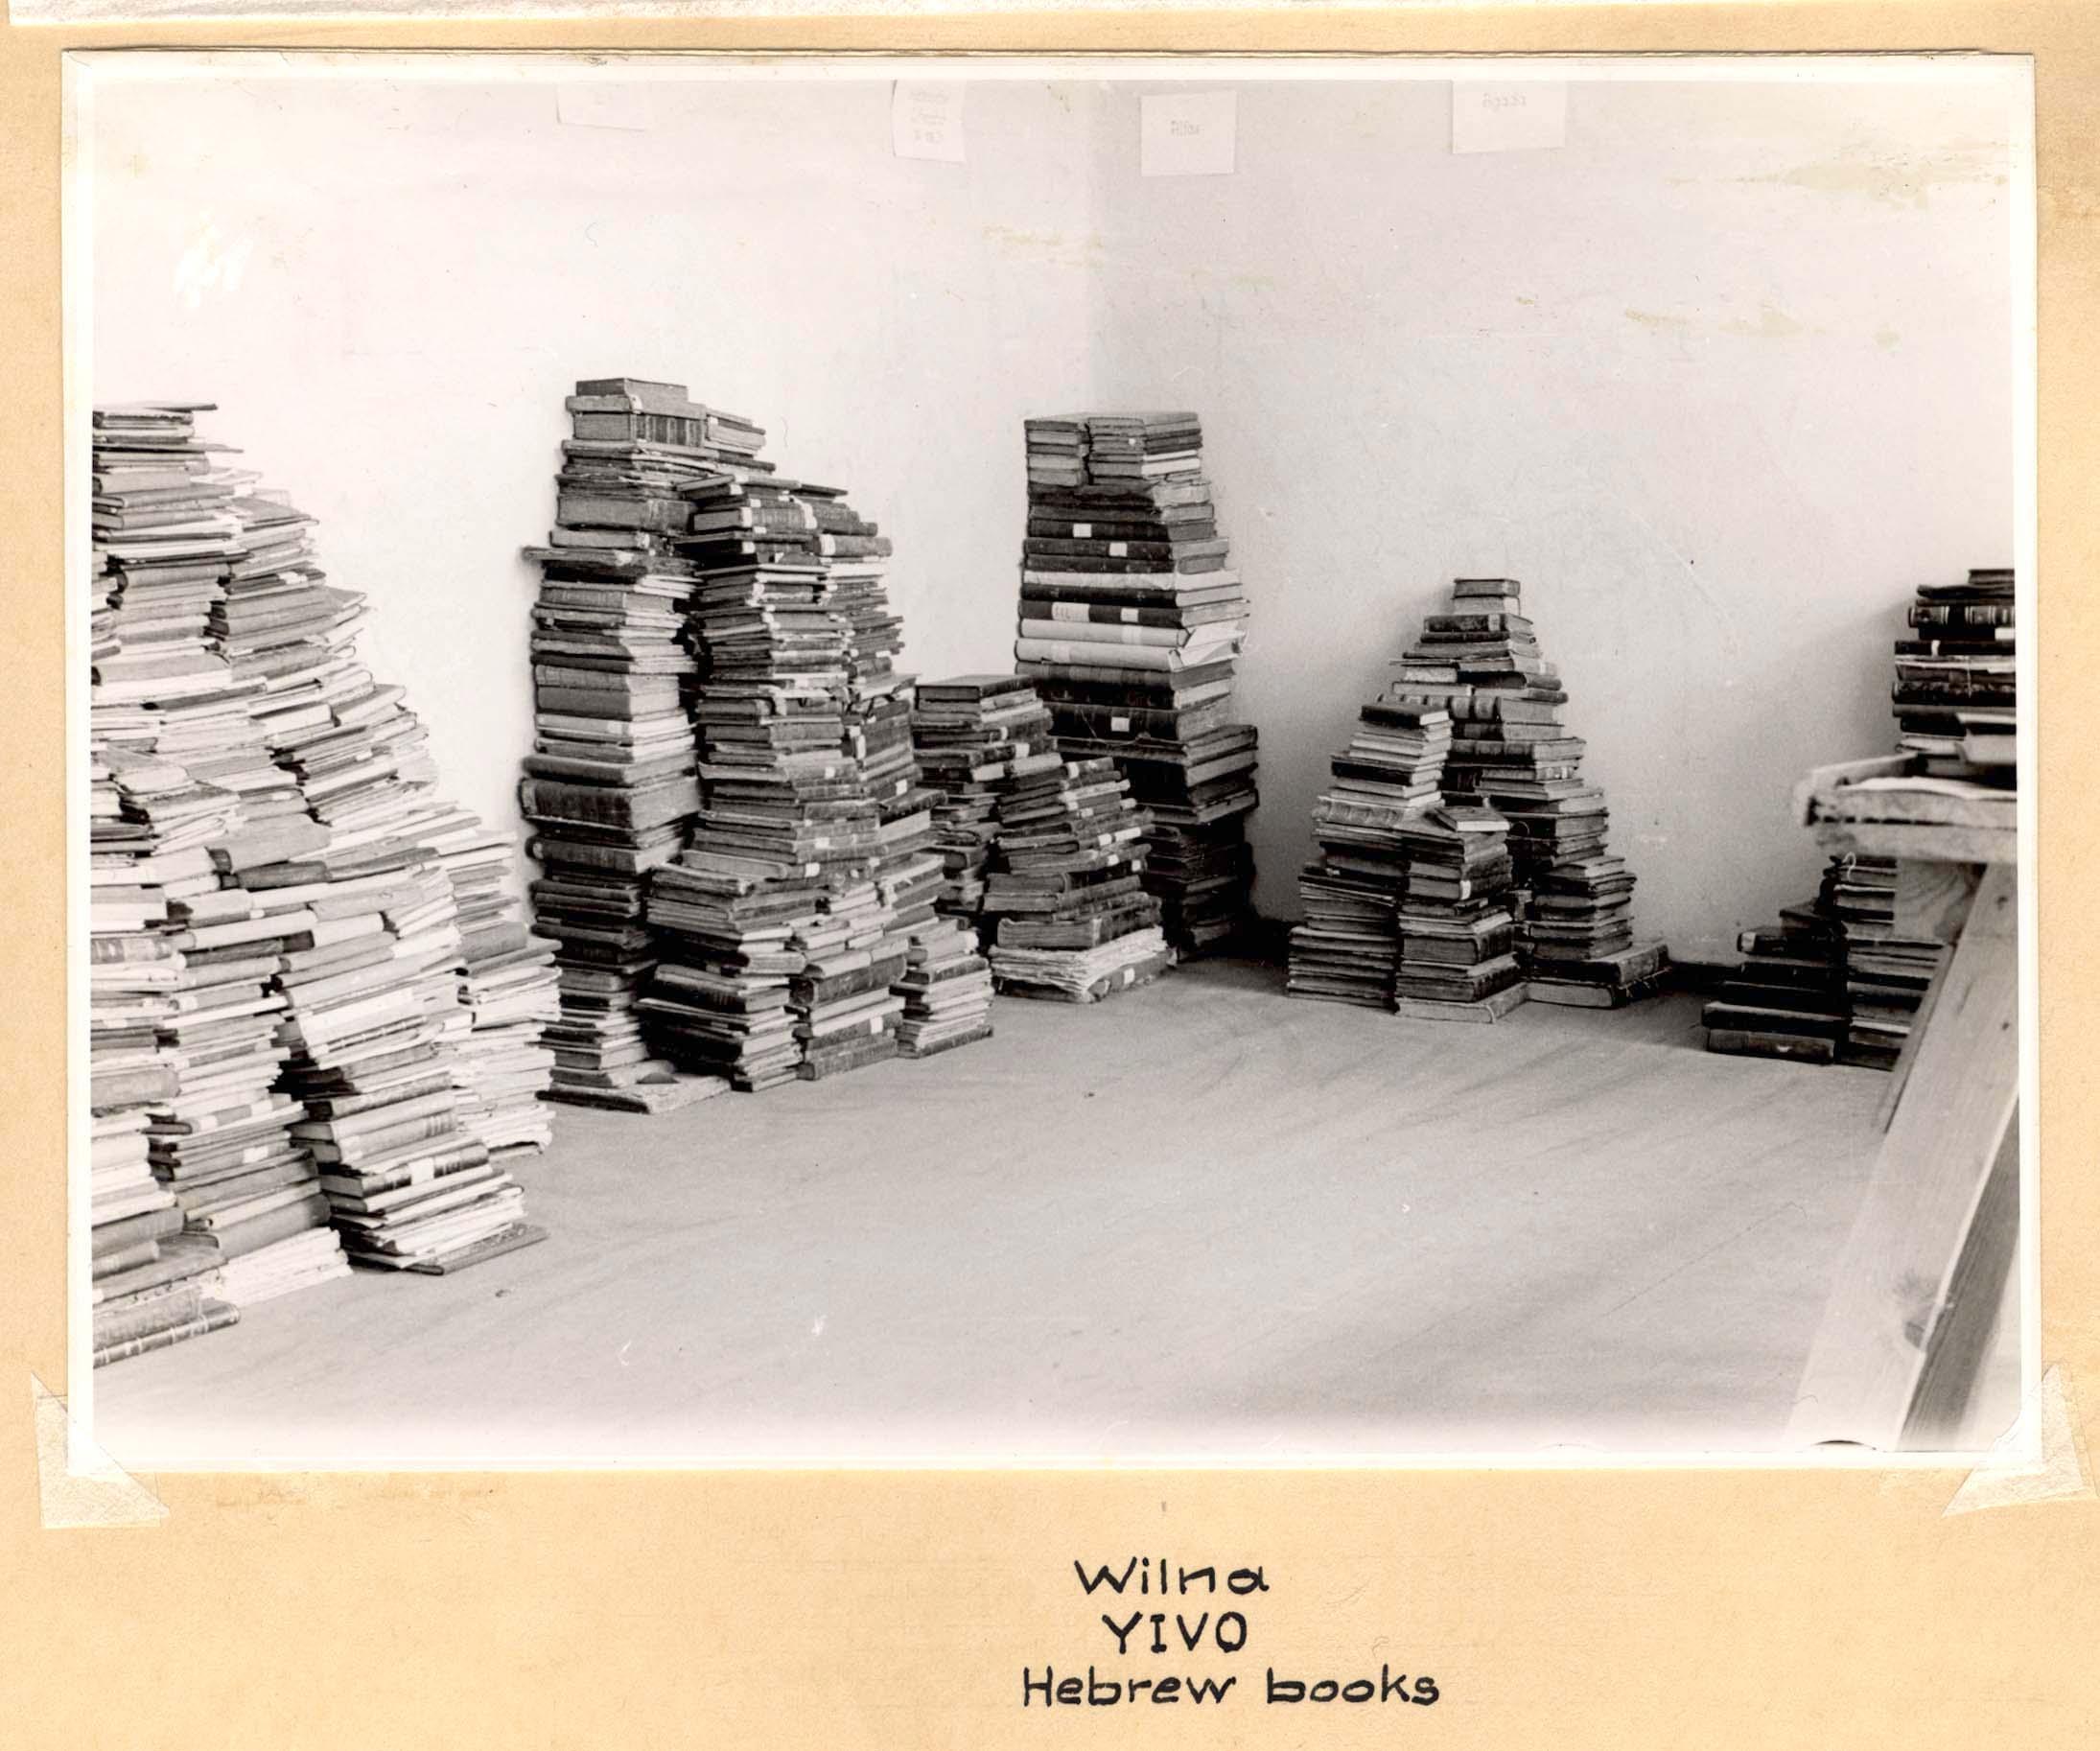 Knygų stirtos.